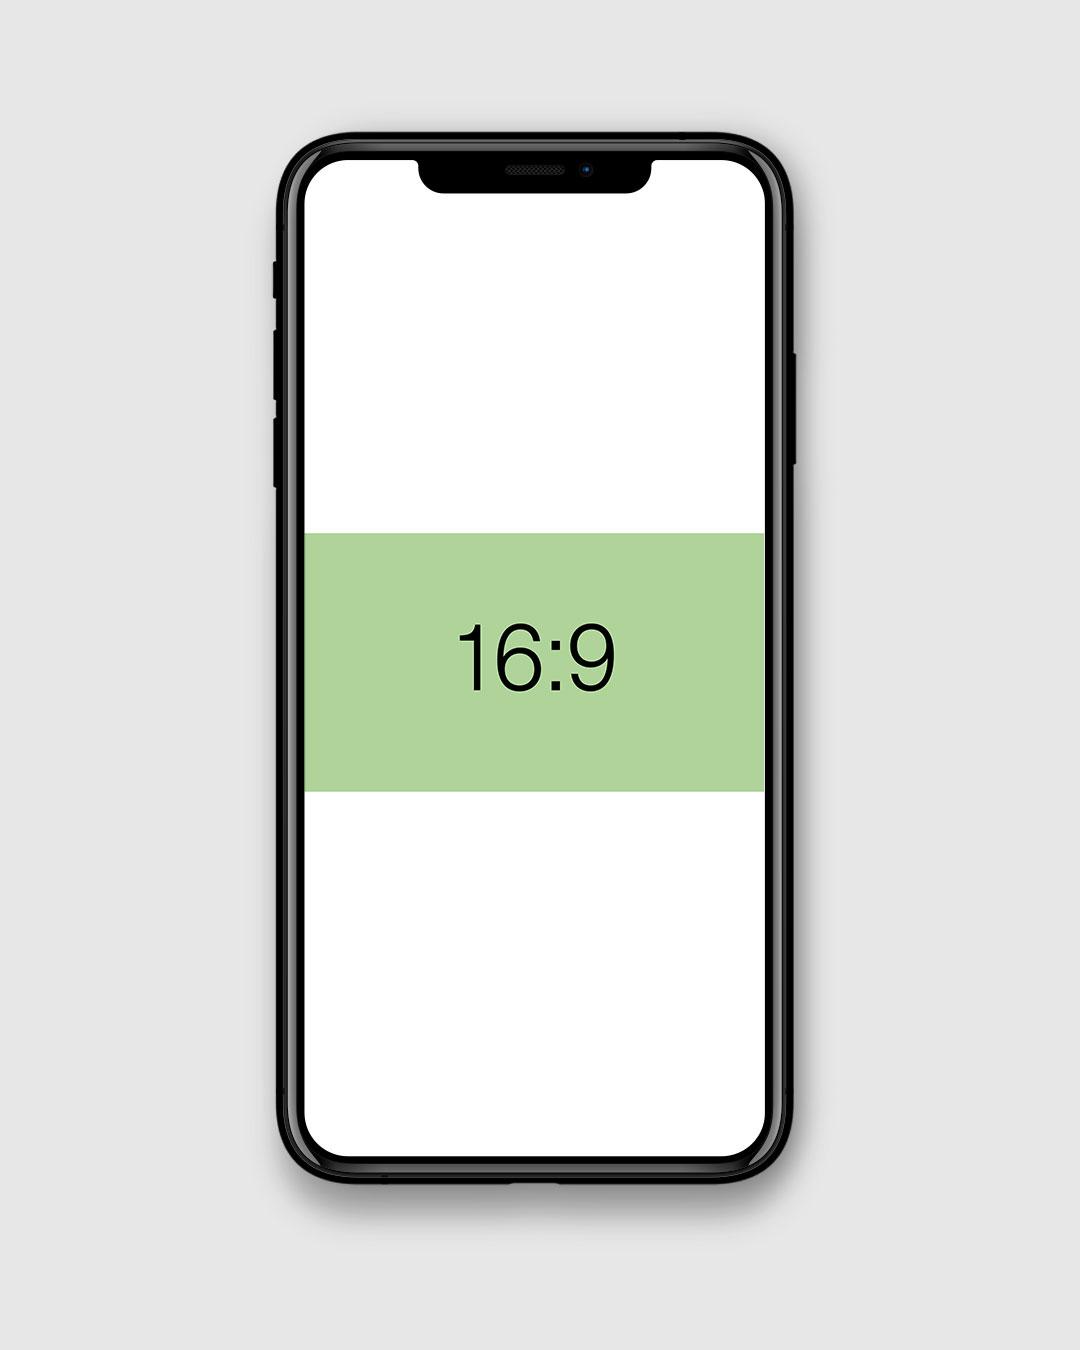 ohHello Design | Ressurser | Bildestørrelse 16:9